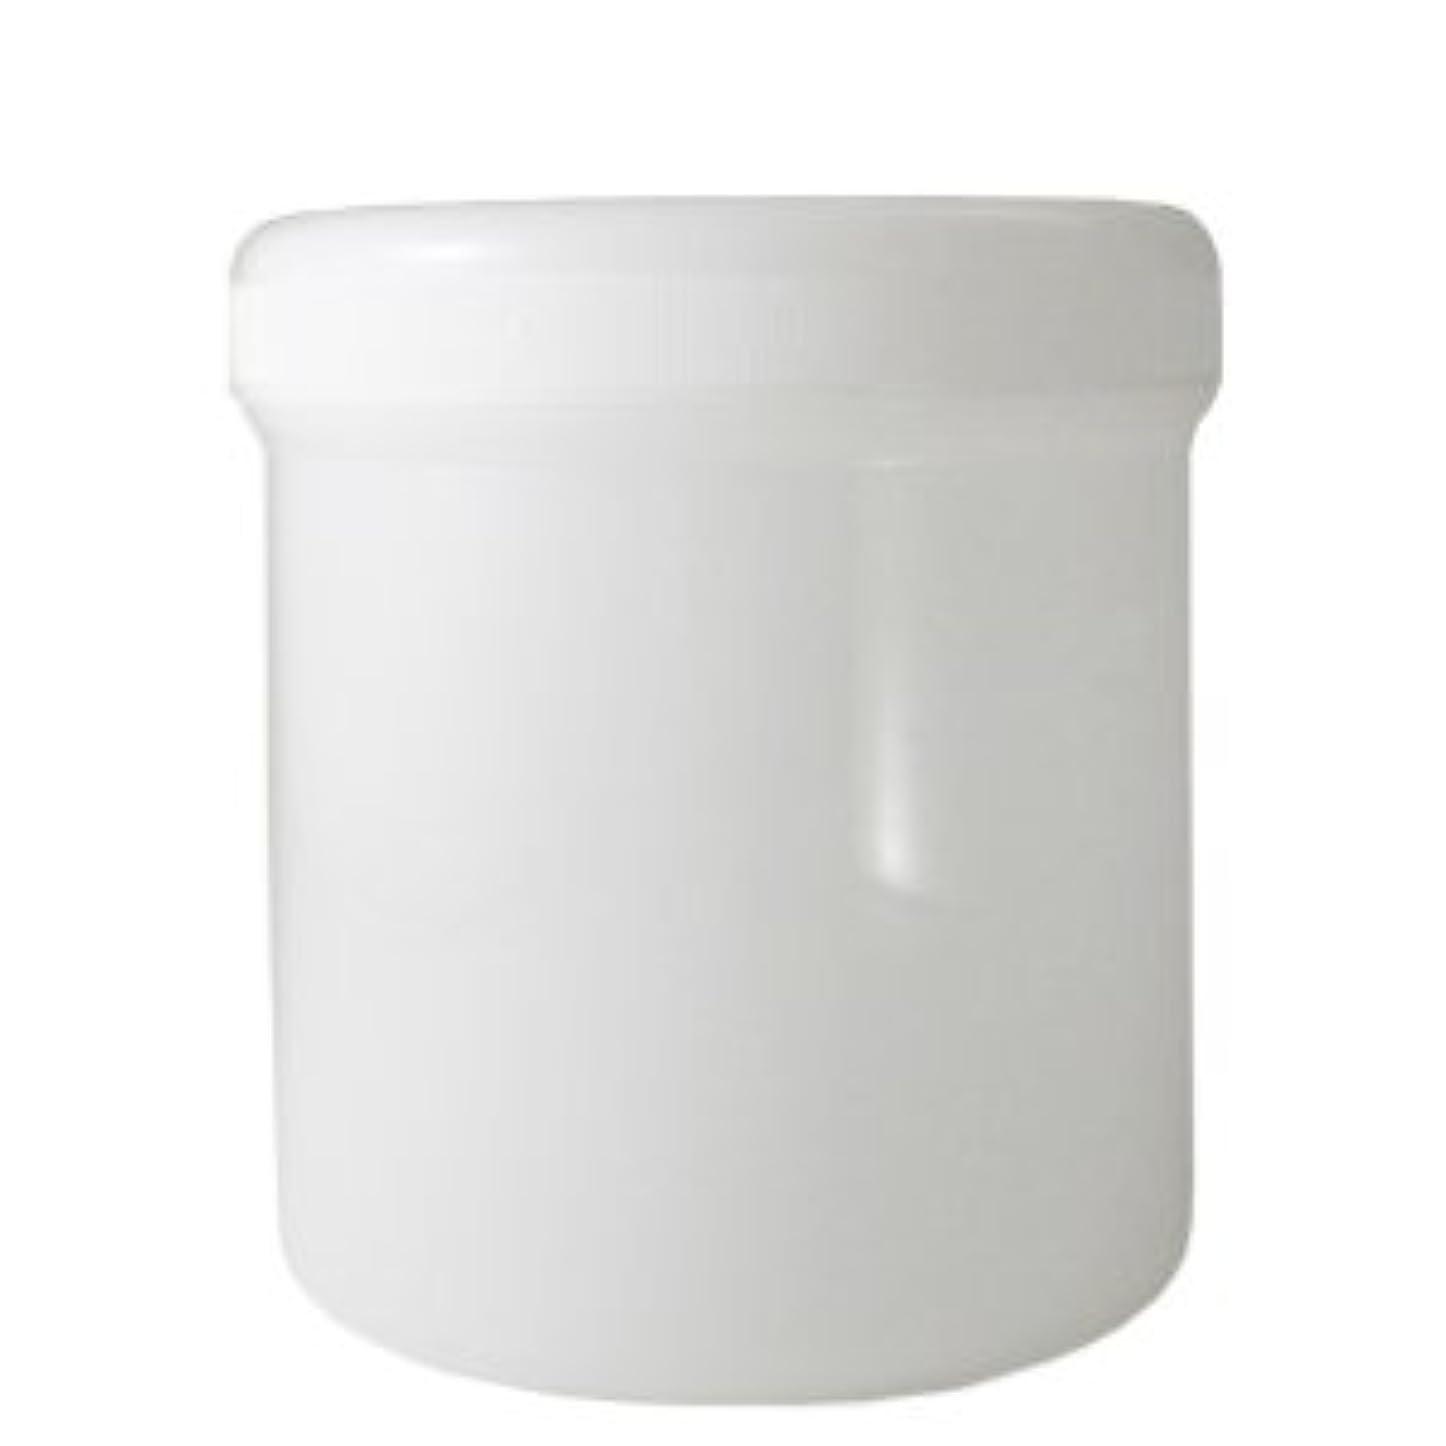 ナンコー容器 (クリームジャー) 550ml 【手作り化粧品】